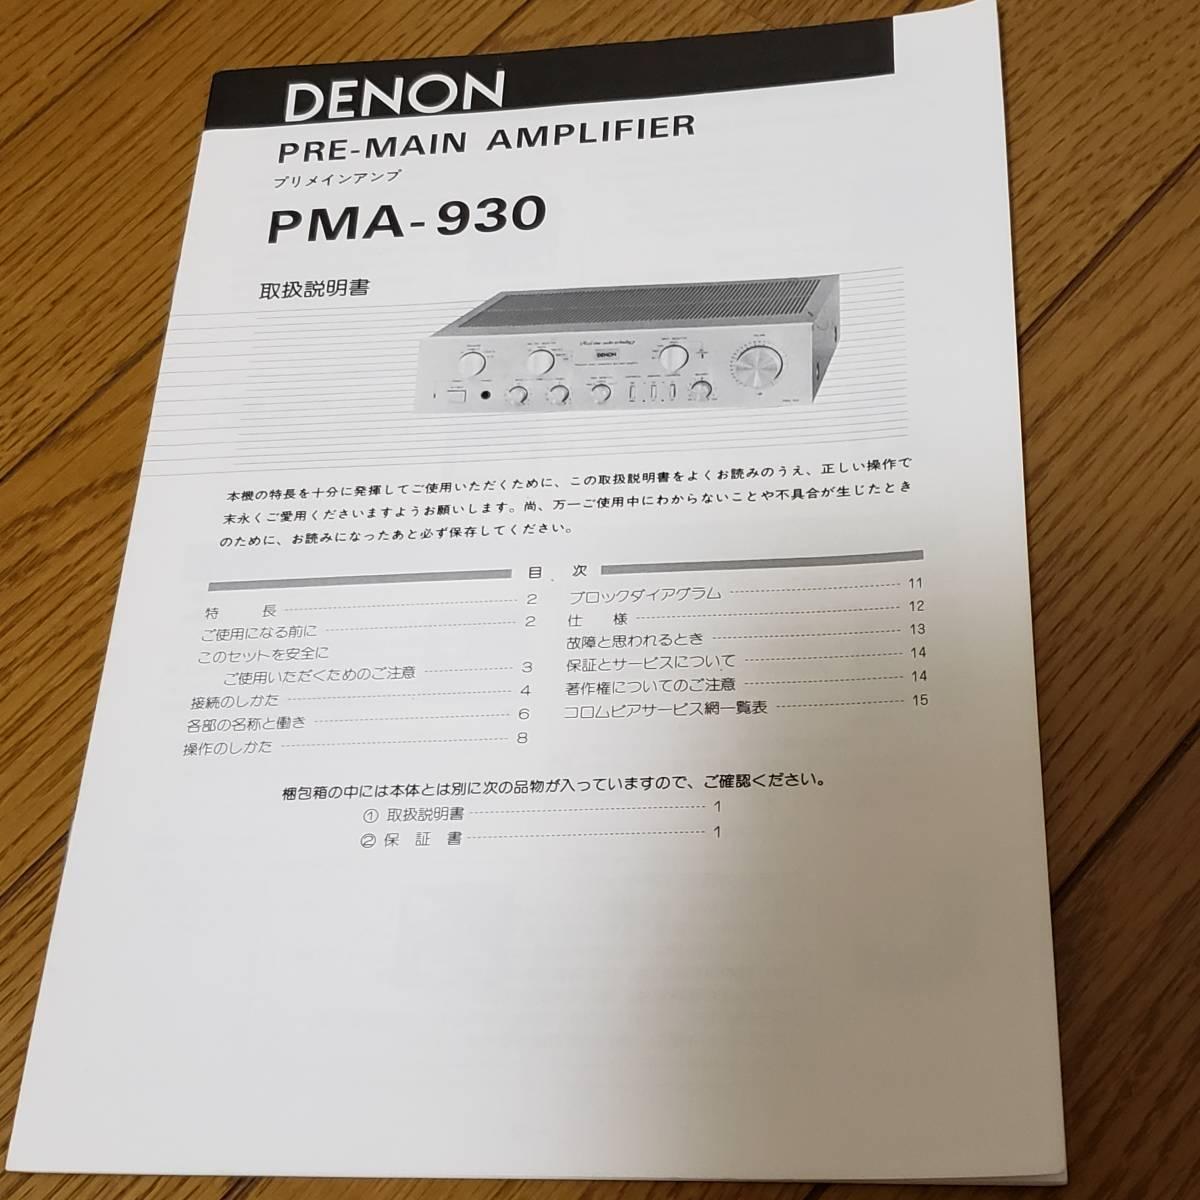 デノン Denon PMA-500V プリメインアンプ 取扱説明書_画像1